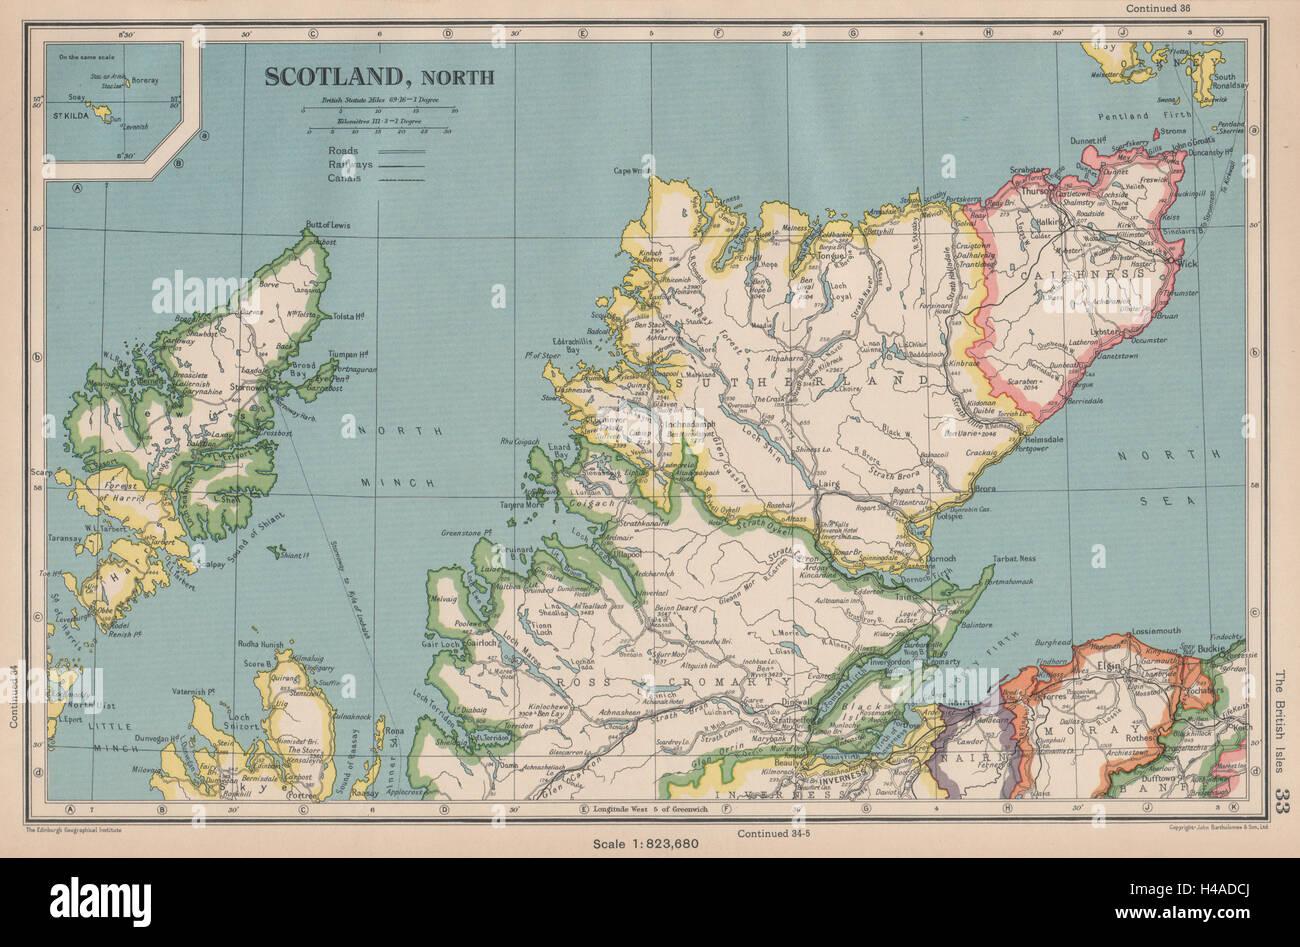 Scotland North SCOTTISH HIGHLANDS BARTHOLOMEW 1944 old vintage map chart